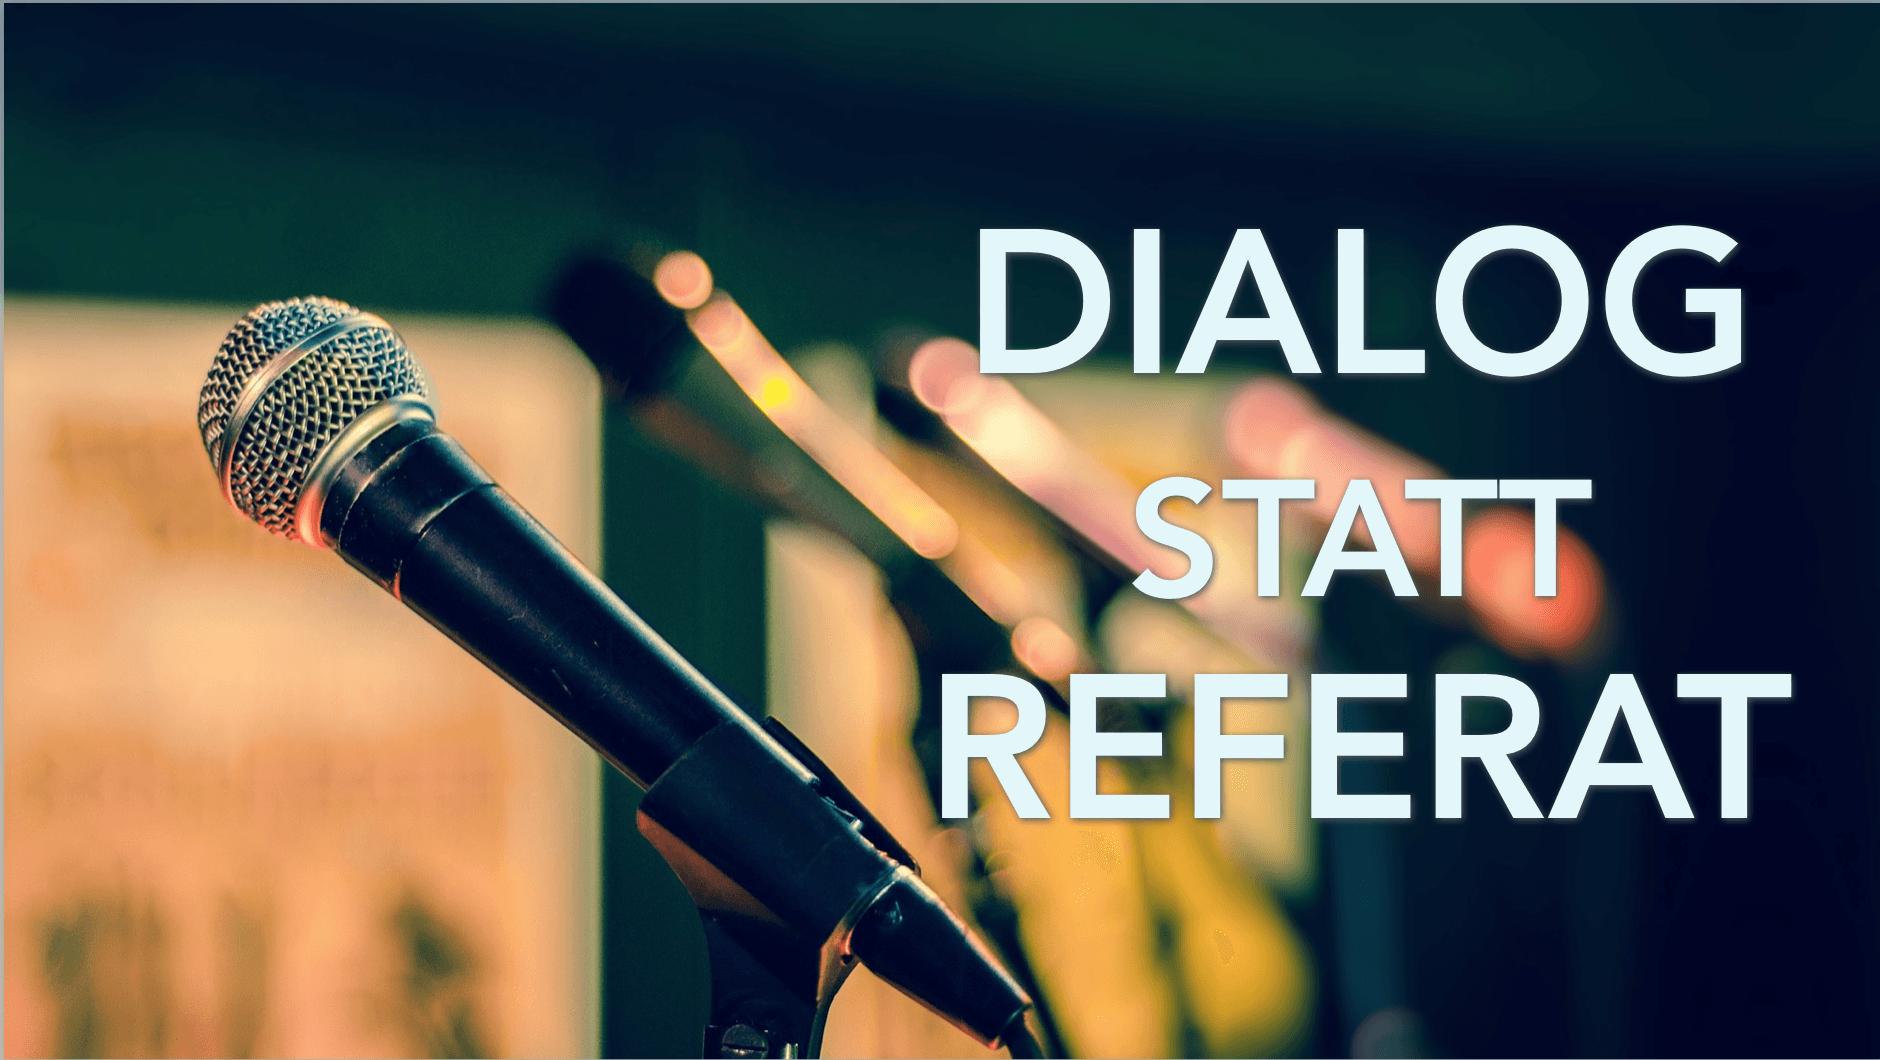 Dialog_statt_Referat_FolienMagie